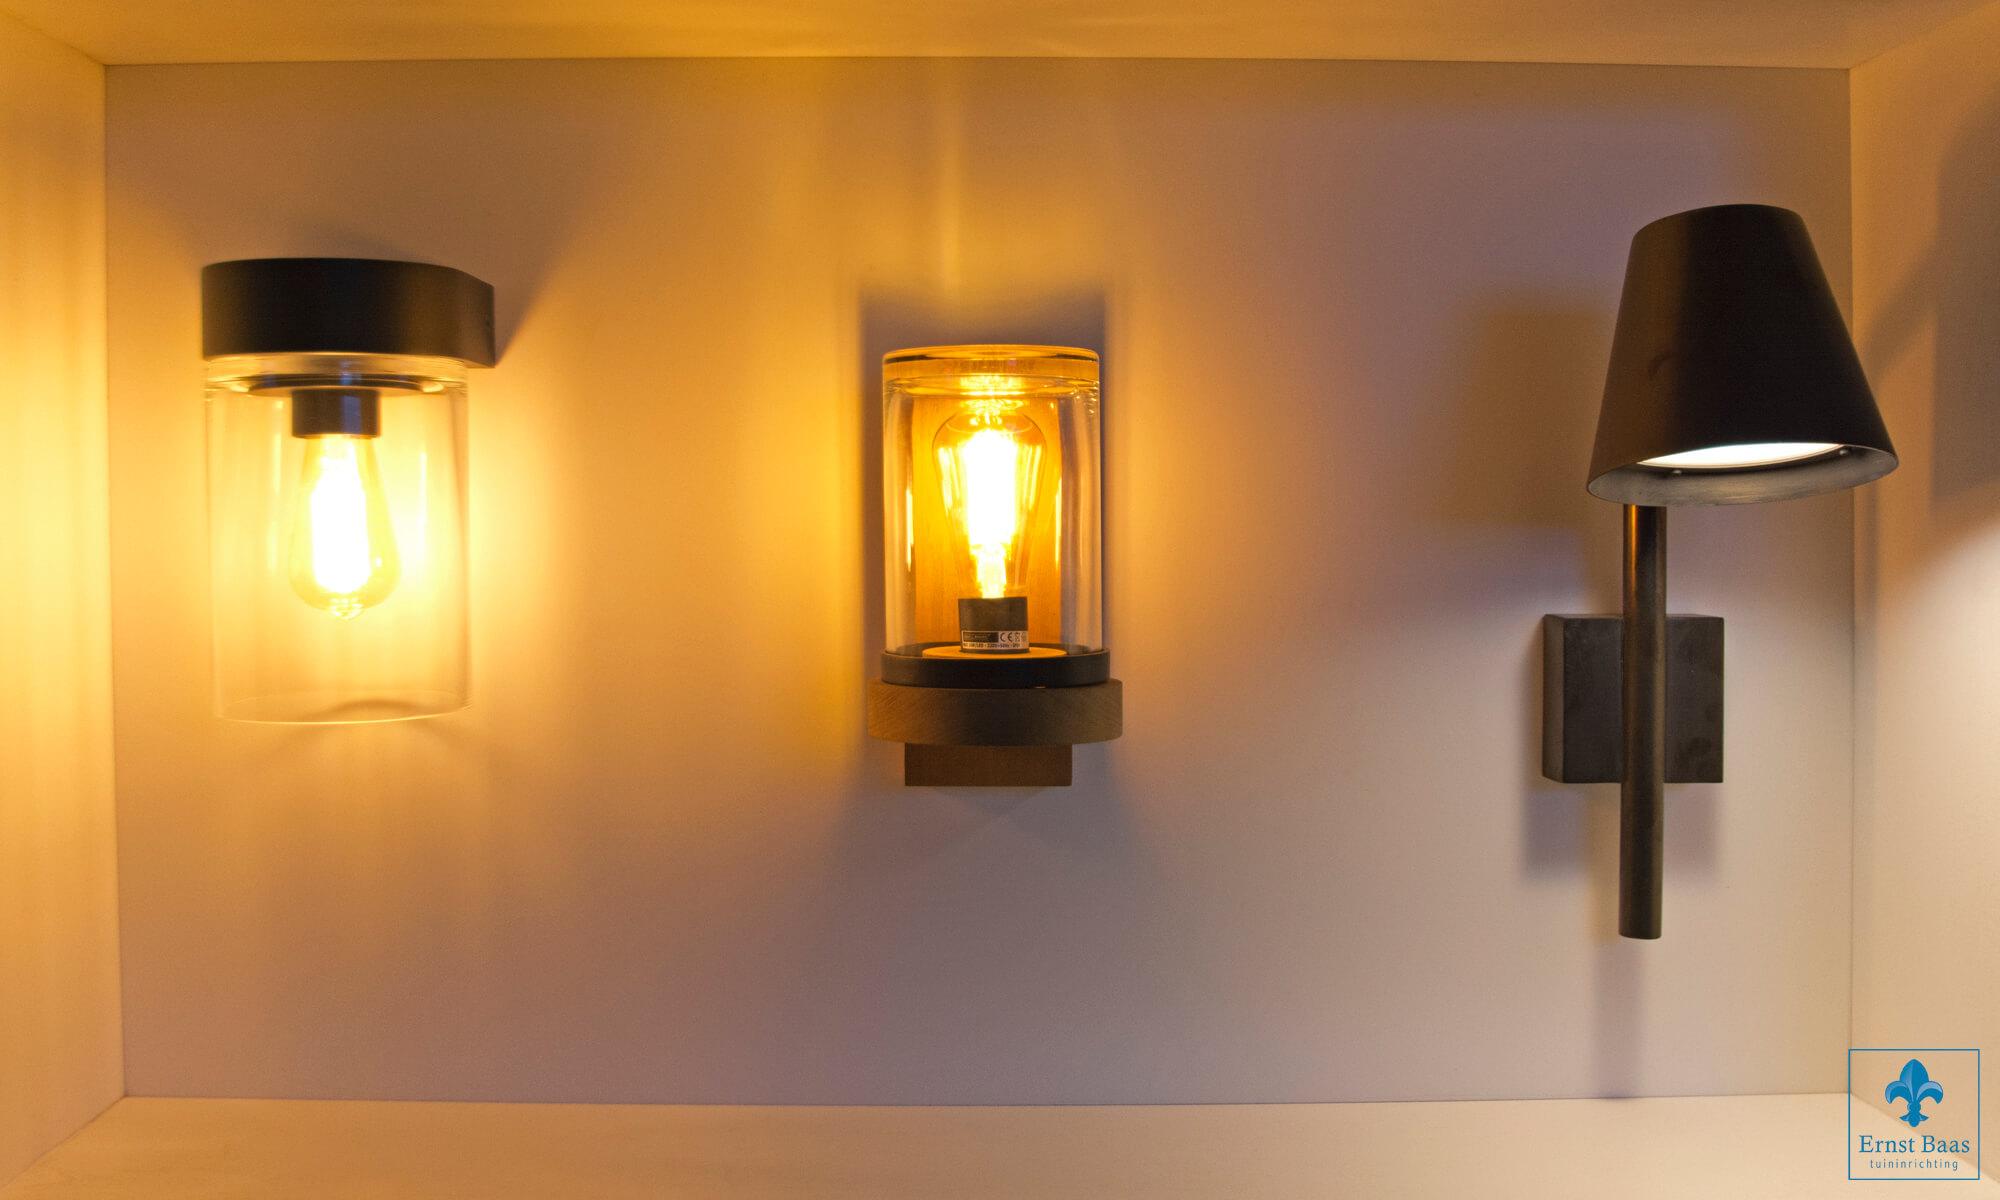 Royal Botania Tuinverlichting Buitenverlichting